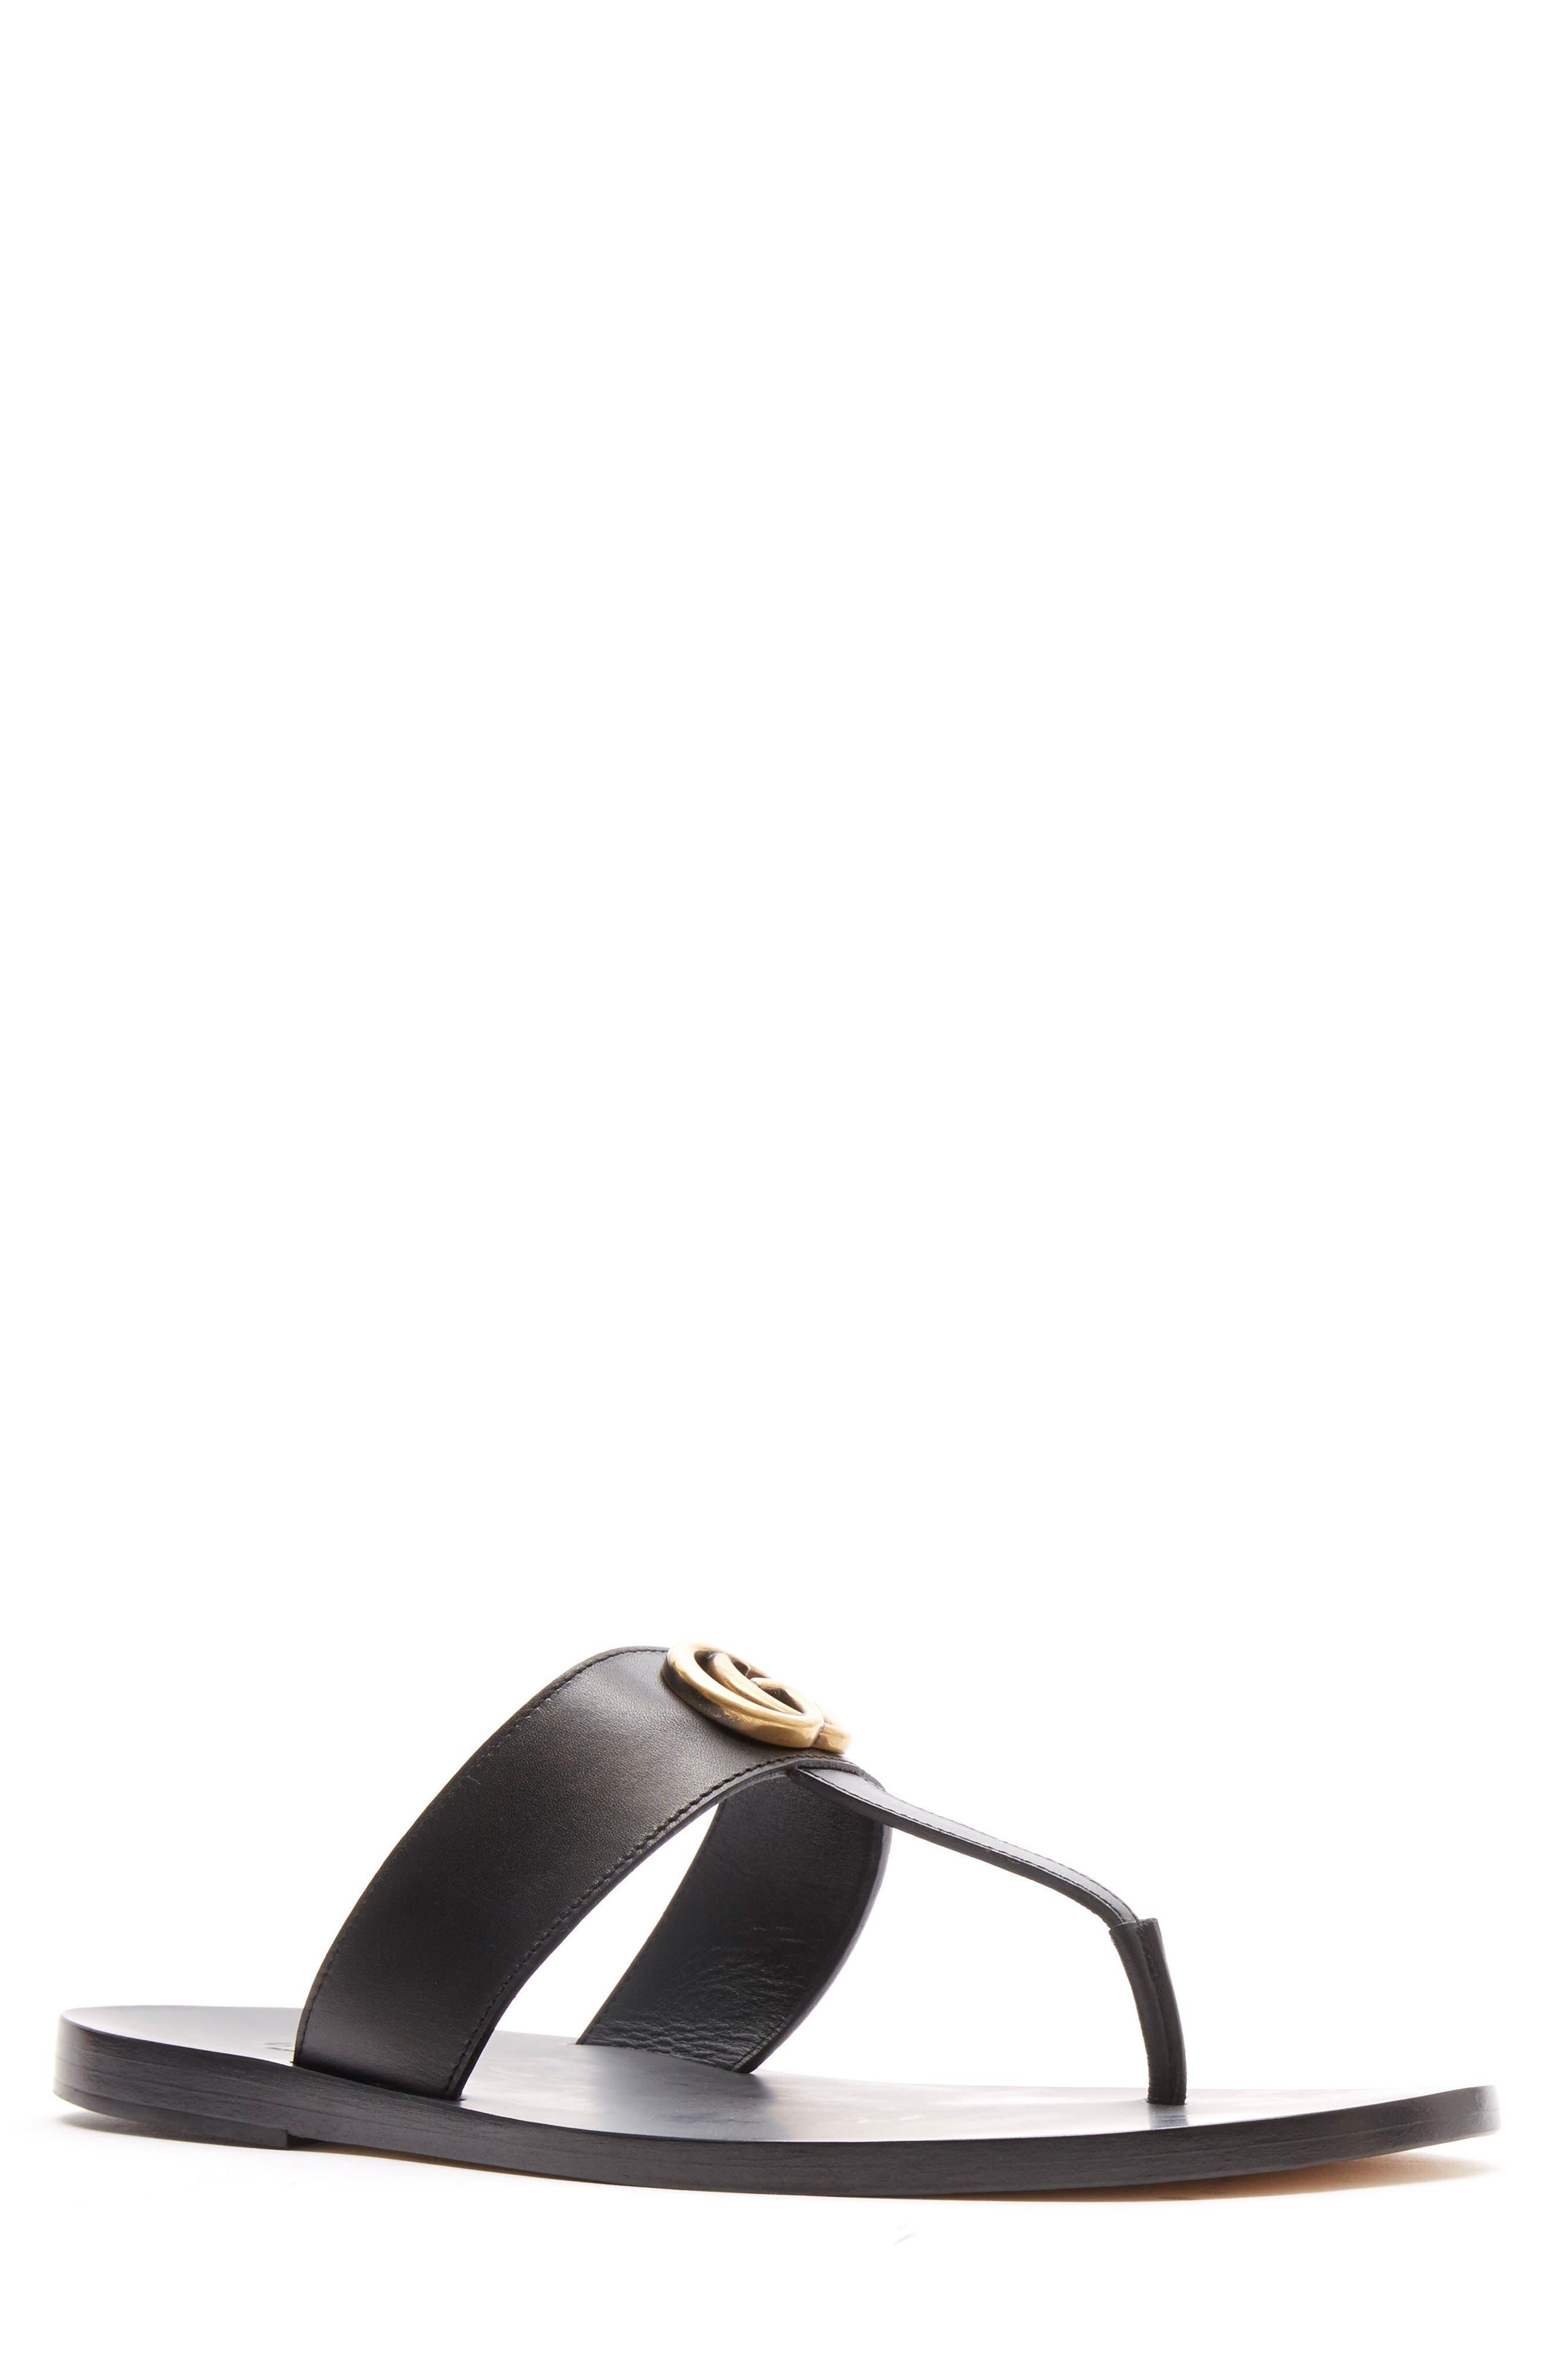 Main Image - Gucci Francis Marmont Flip Flop (Men)